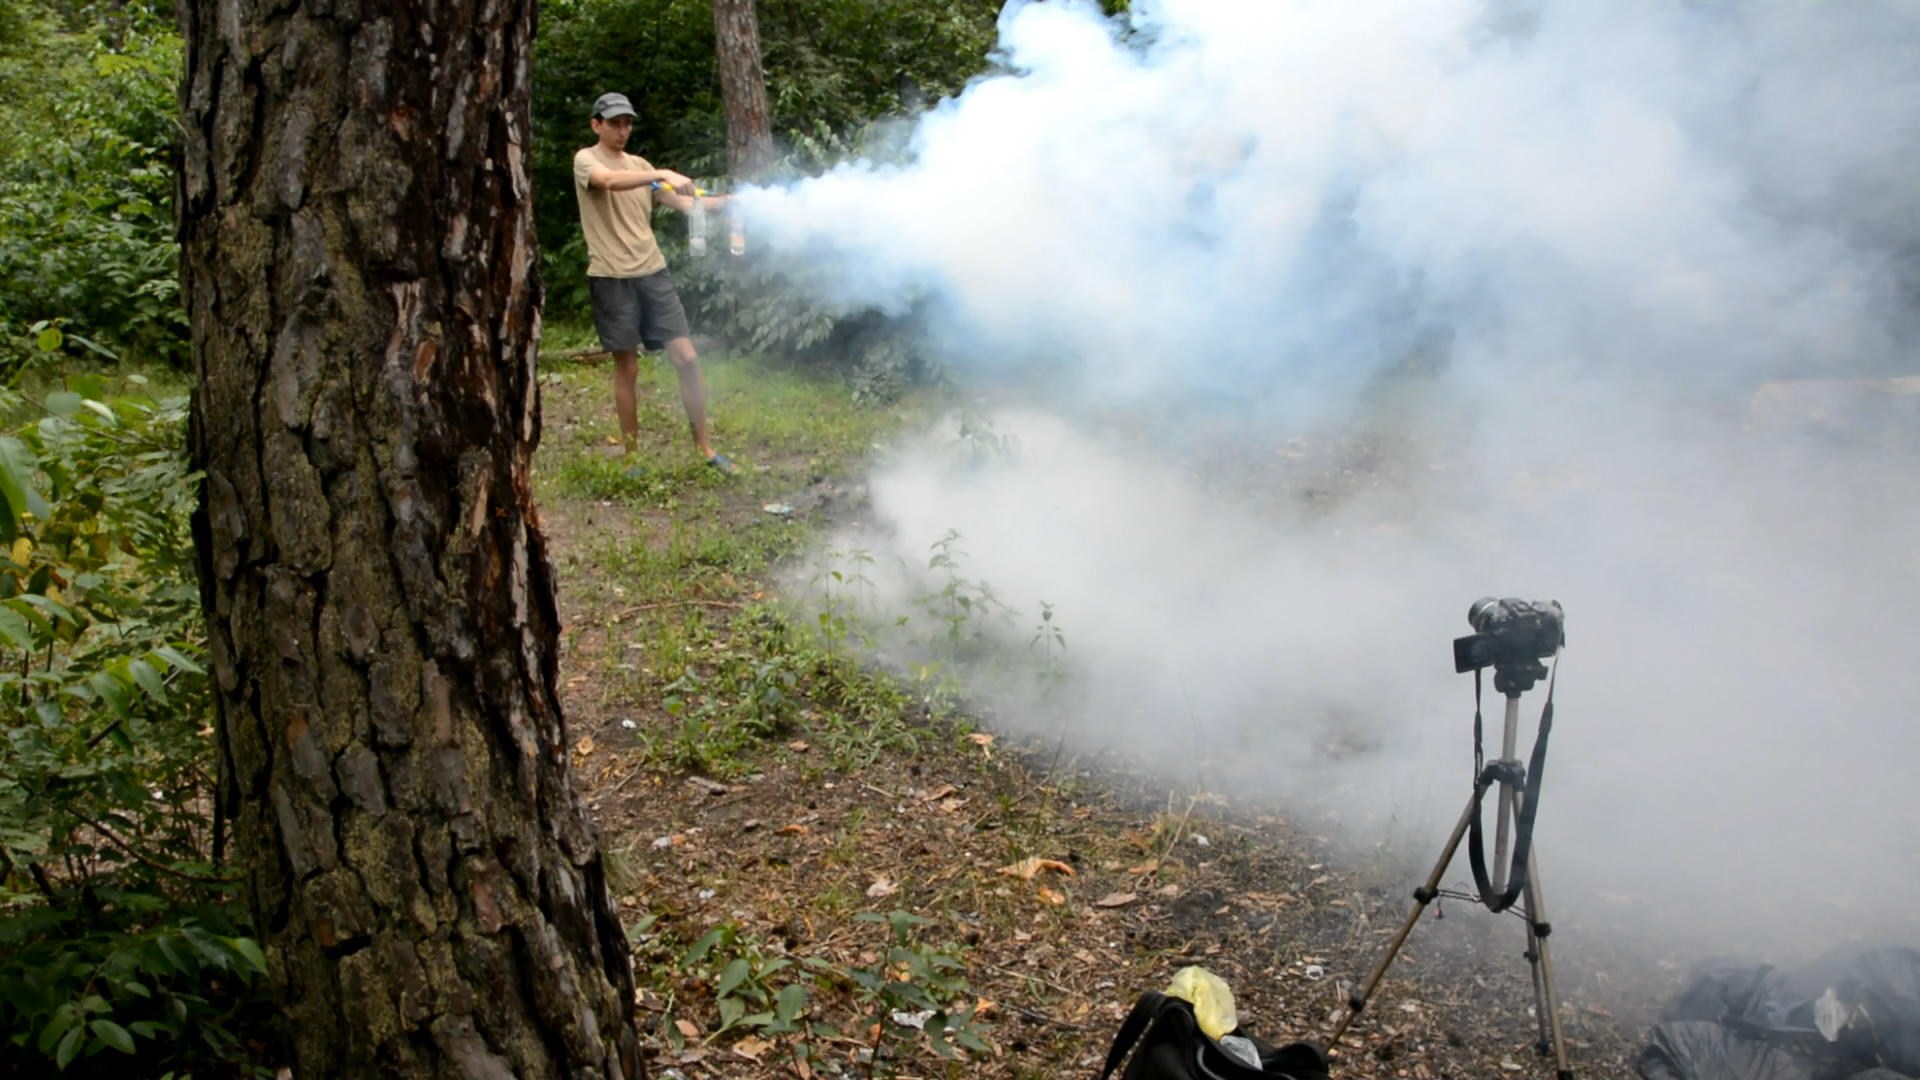 Соляная кислота и аммиак - образование дыма при распылении аэрозолей